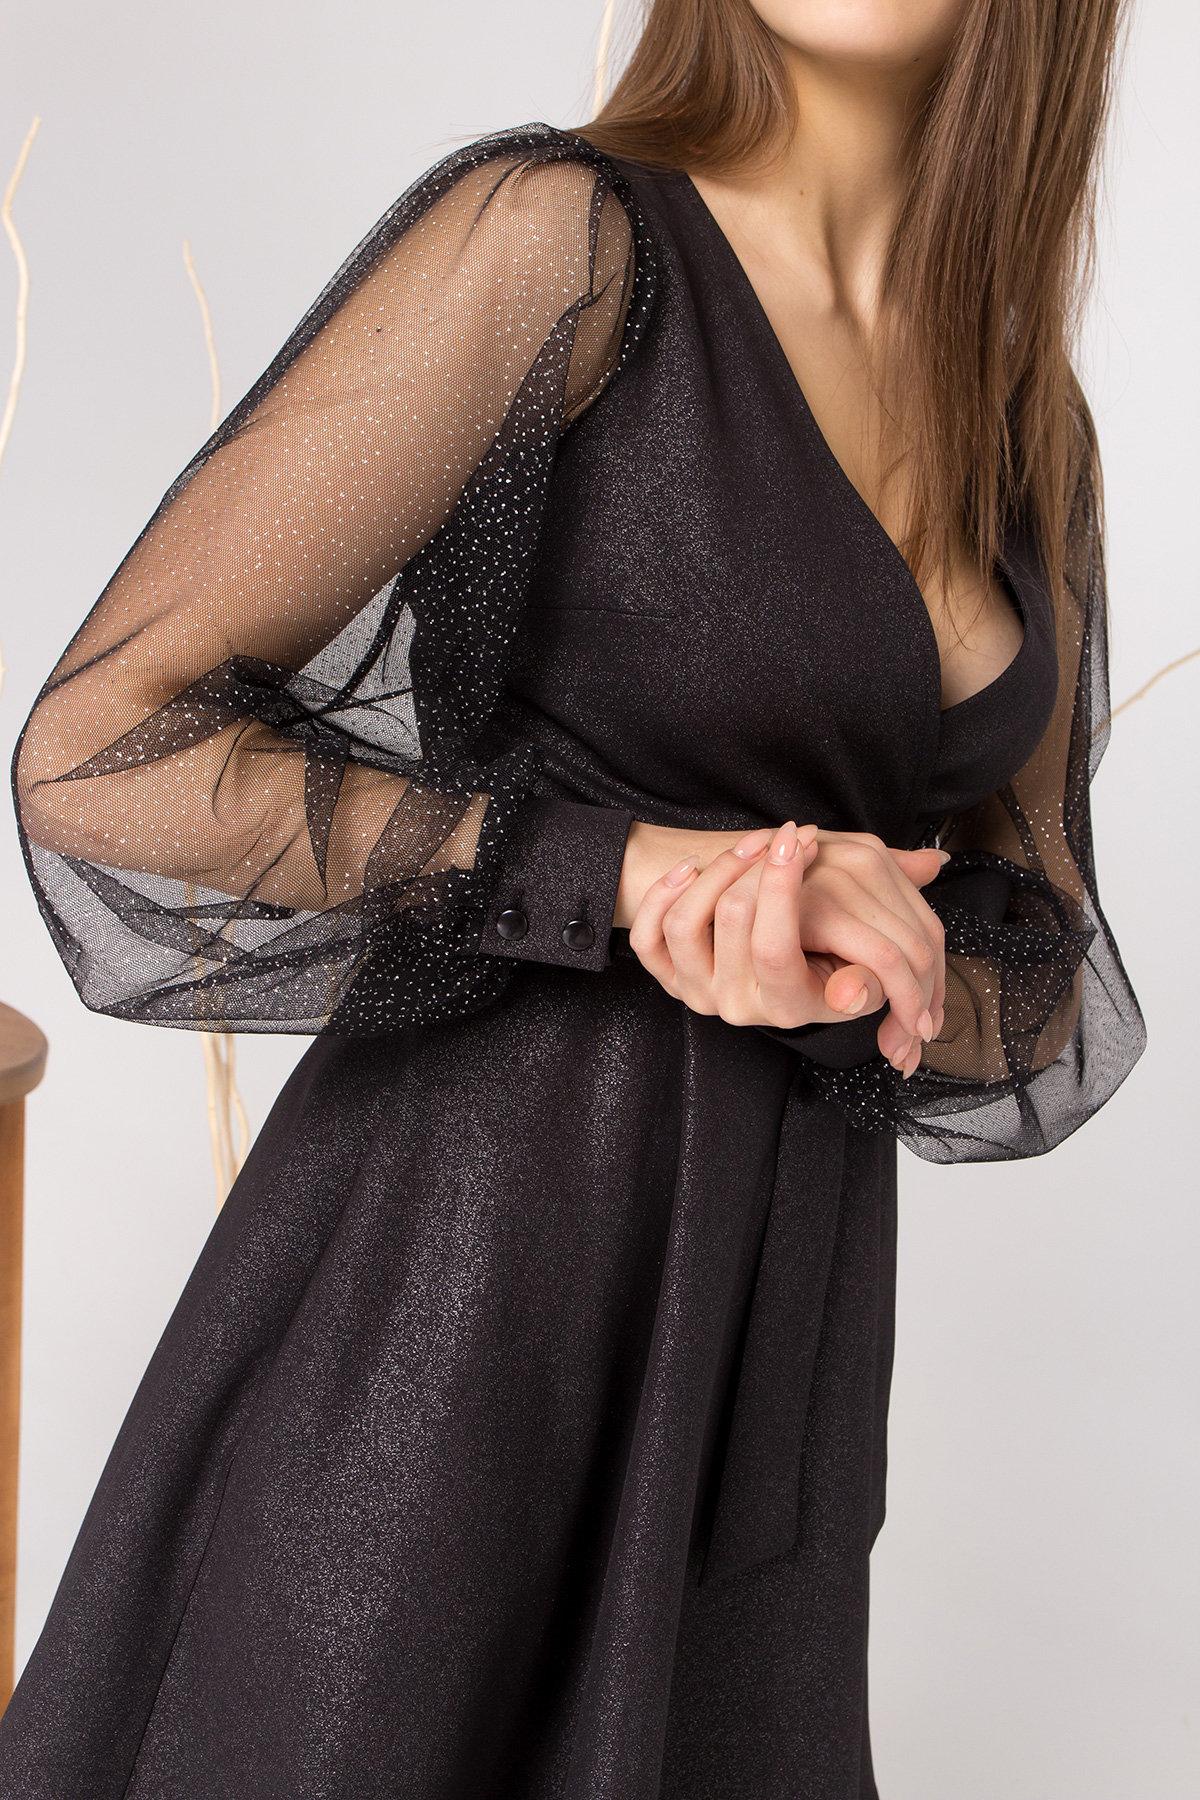 Коктейльное платье Джелла 8873 АРТ. 45202 Цвет: Черный - фото 4, интернет магазин tm-modus.ru